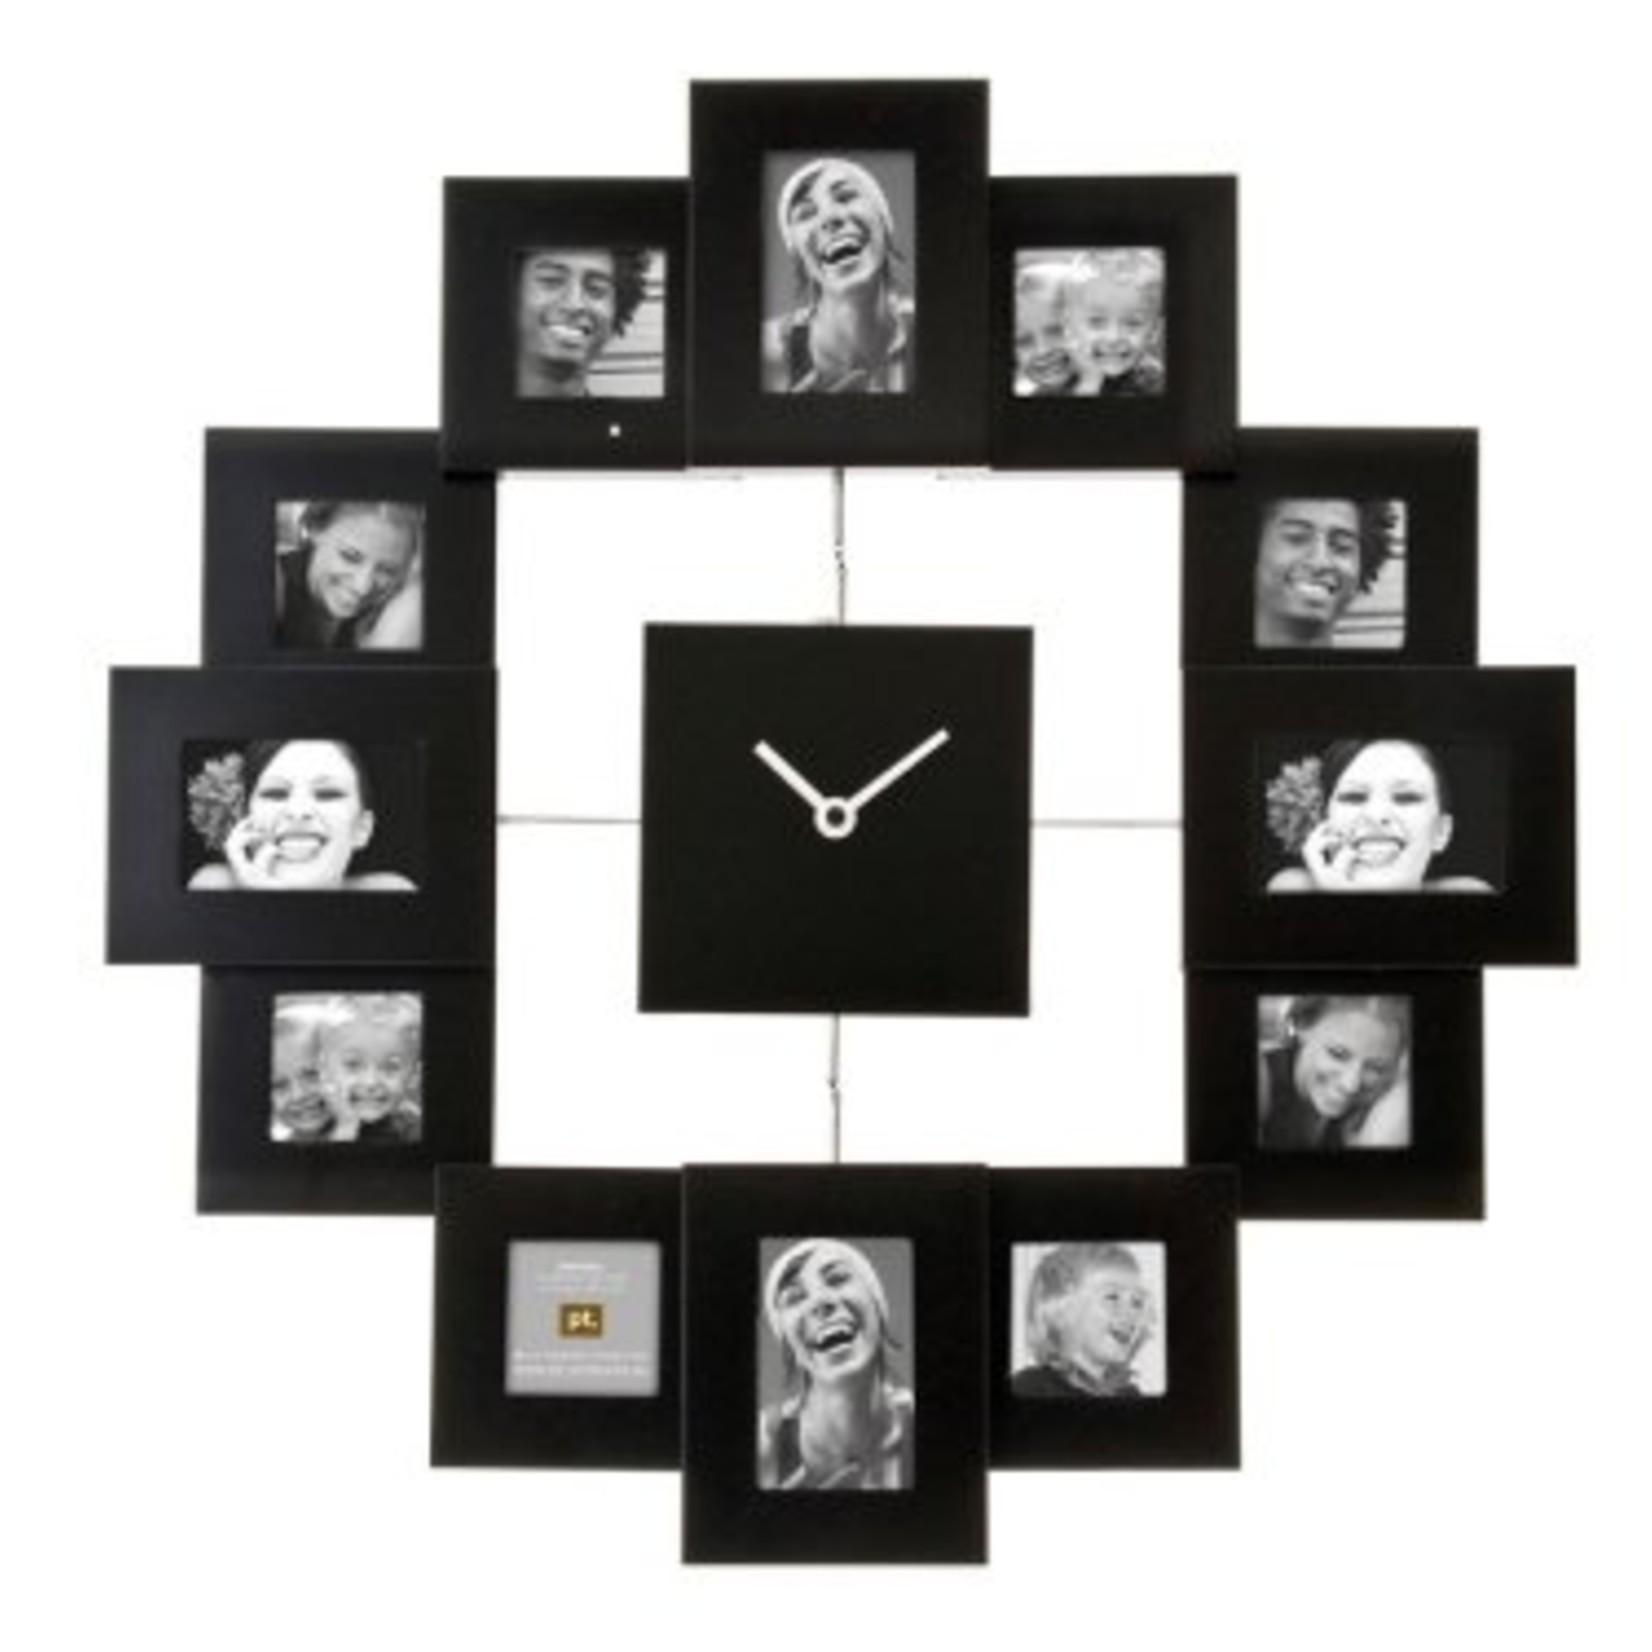 PT Fotolijst klok Family Time alu voor 12 foto's. Doorsnee 40cm.